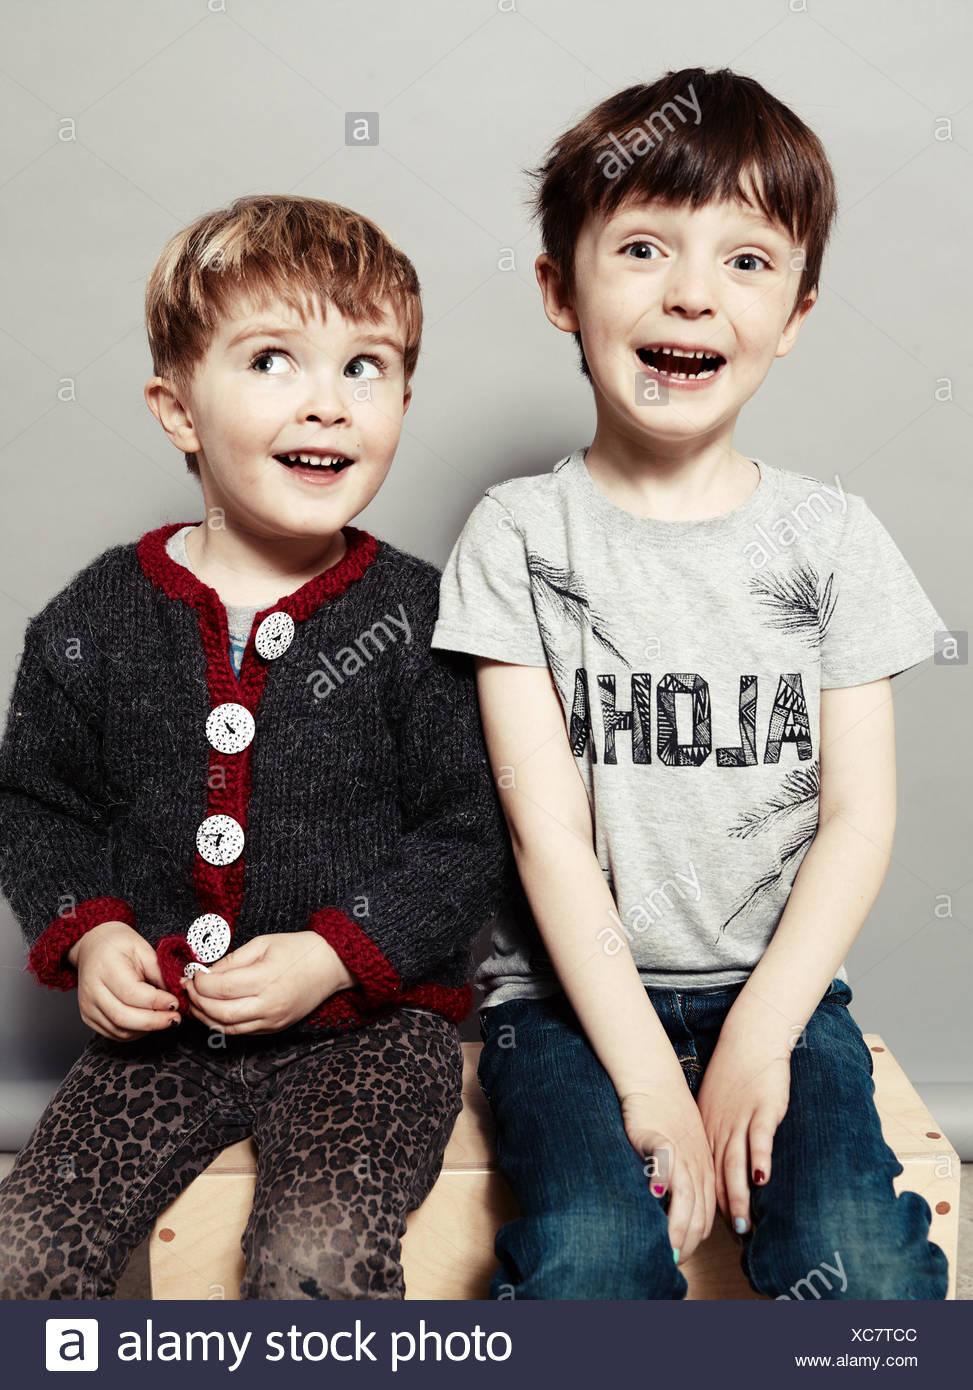 Retrato de dos muchachos feliz ser tonto Imagen De Stock